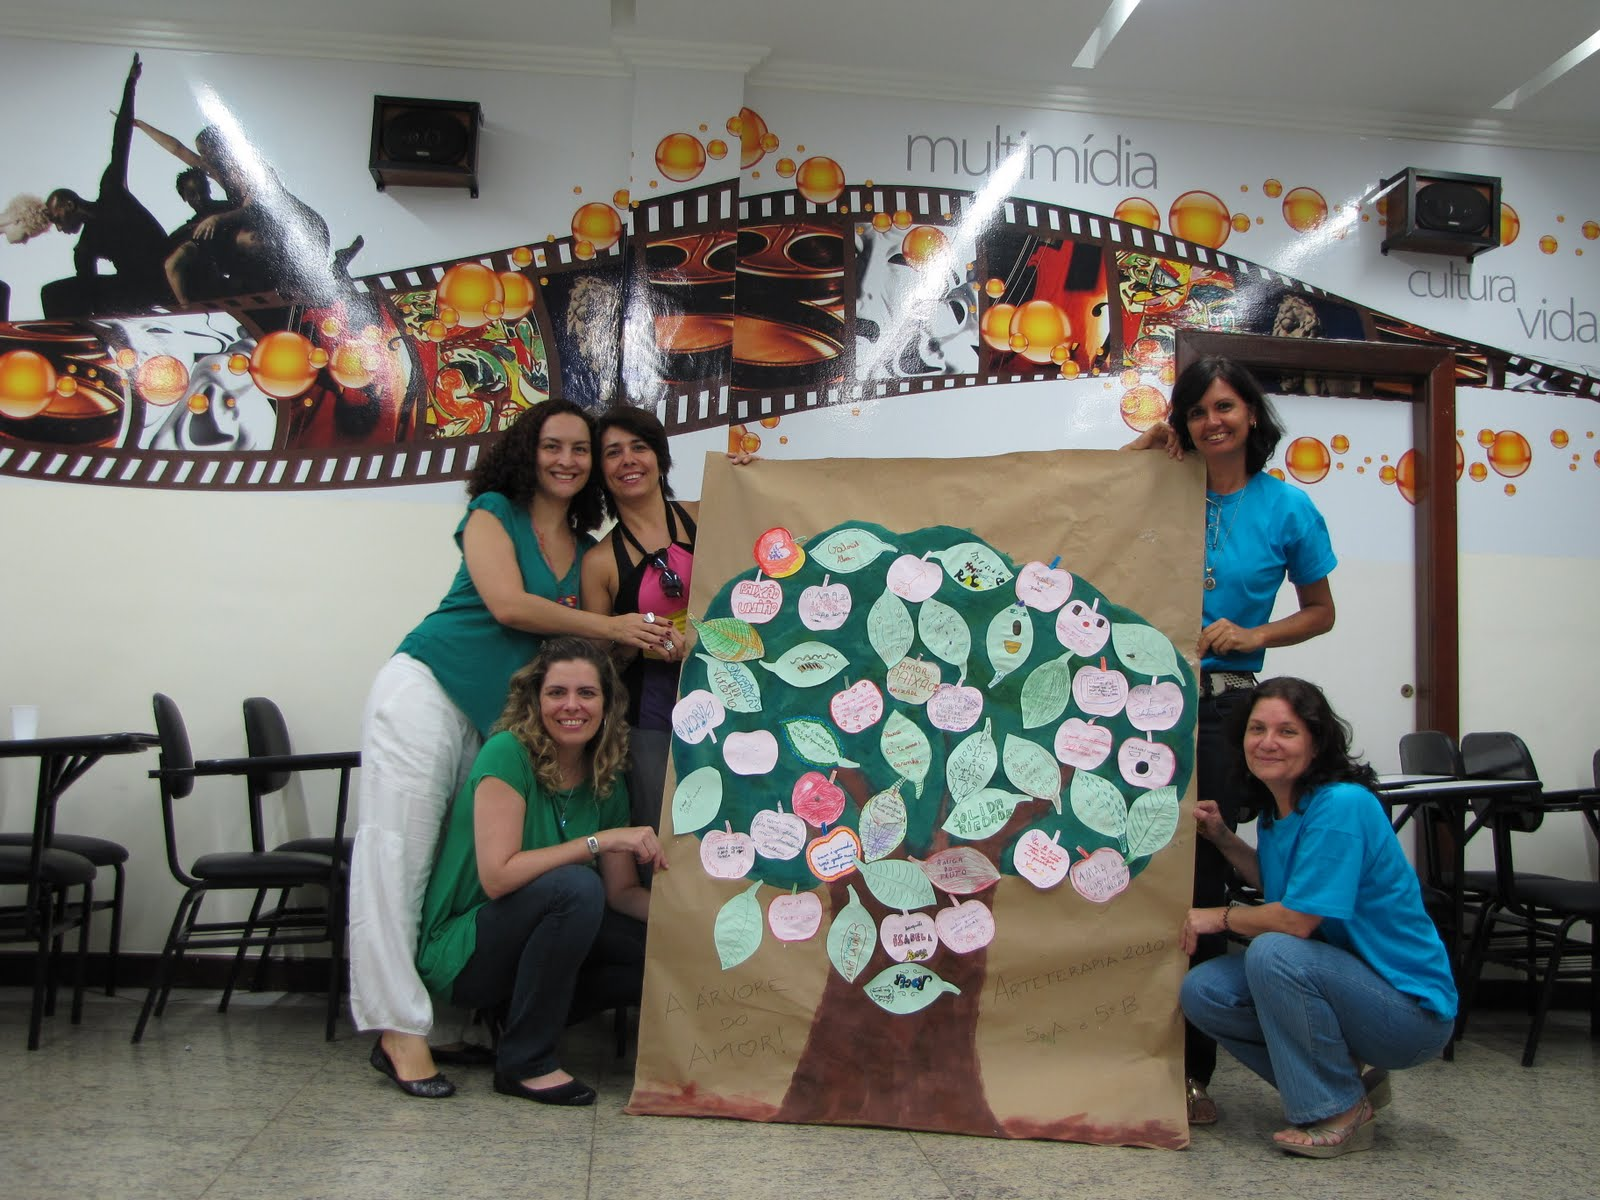 #216876 Arteterapia.com: Projeto Arteterapia na Escola. 1600x1200 px Projeto Cozinha Experimental Na Escola #2535 imagens